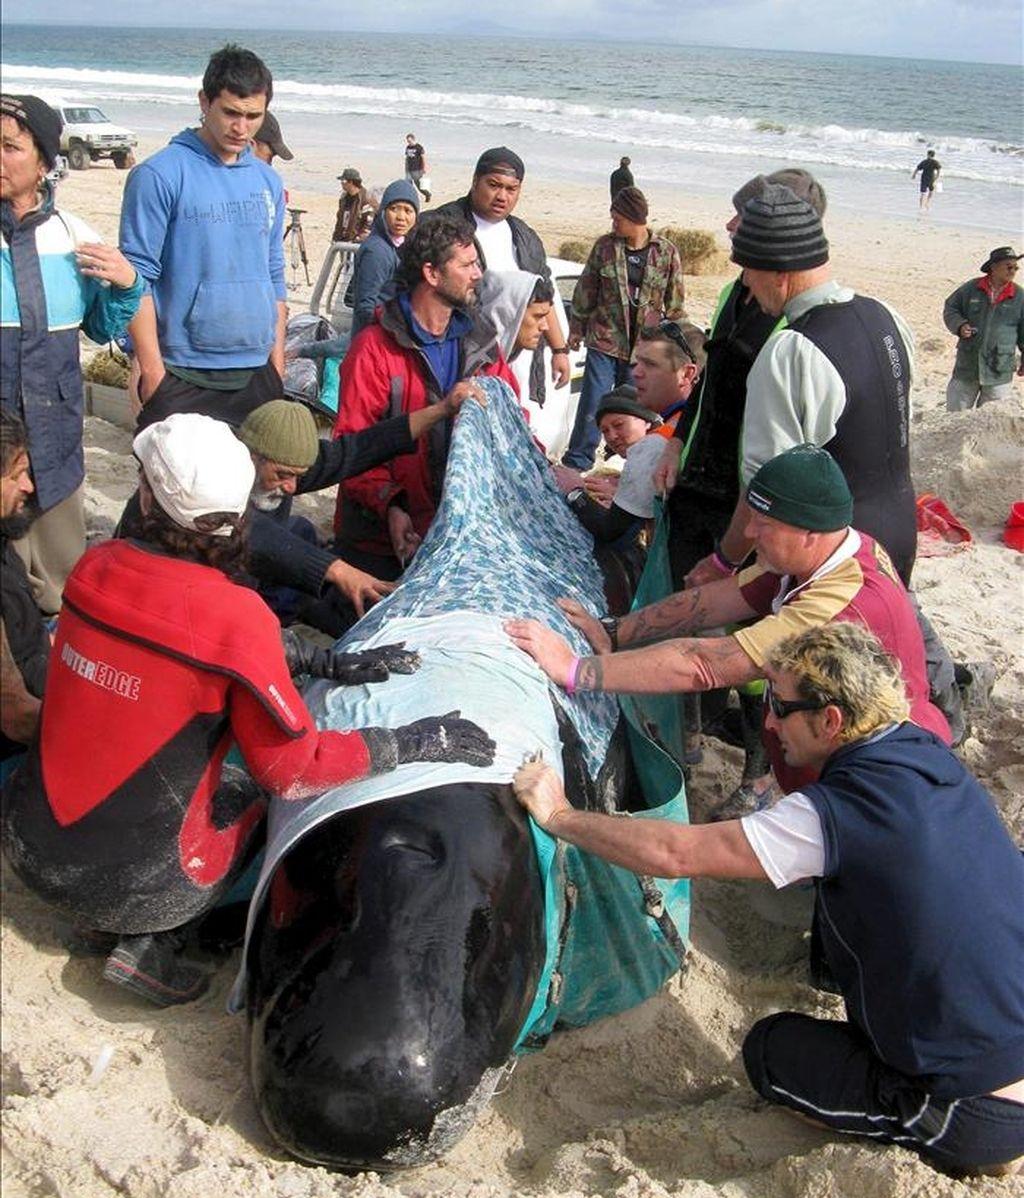 Voluntarios colaboran en las labores de rescate de una ballena varadas en la playa de KariKari, en Nueva Zelanda. EFE/Archivo